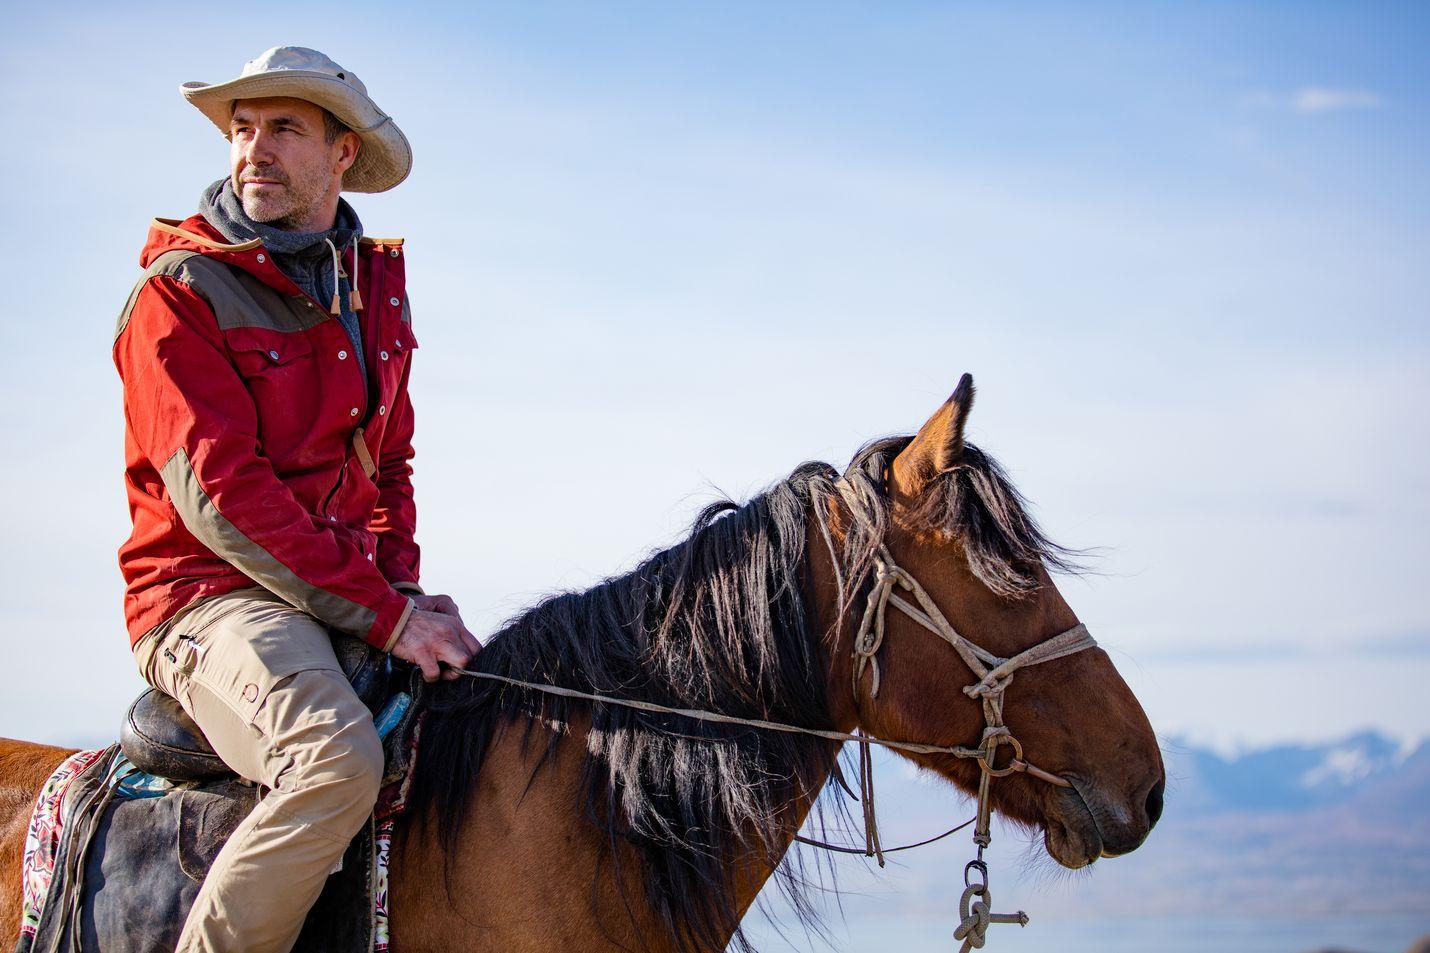 Antropologi Niobe Thompson ei peittele sitä, että hän pitää hevosista. Thompson on kirjoittanut ja ohjannut Hevosen tarina -dokumentin.